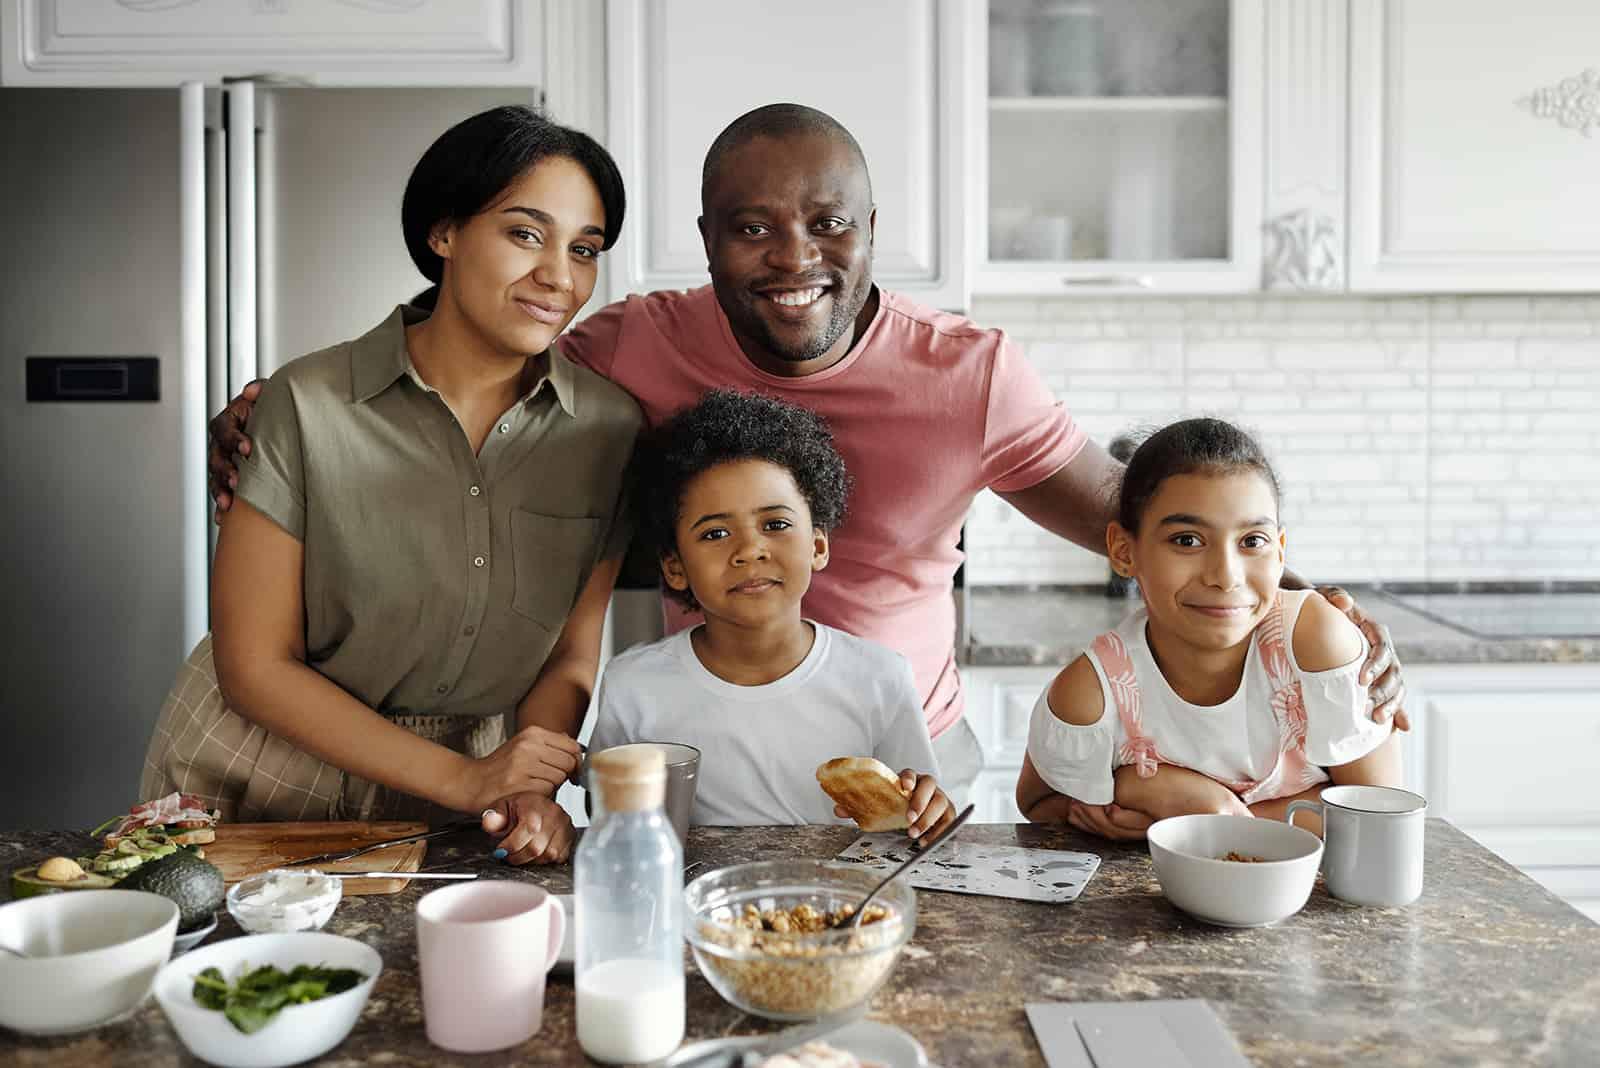 Eltern und Kinder bereiten das Frühstück in der Küche zu